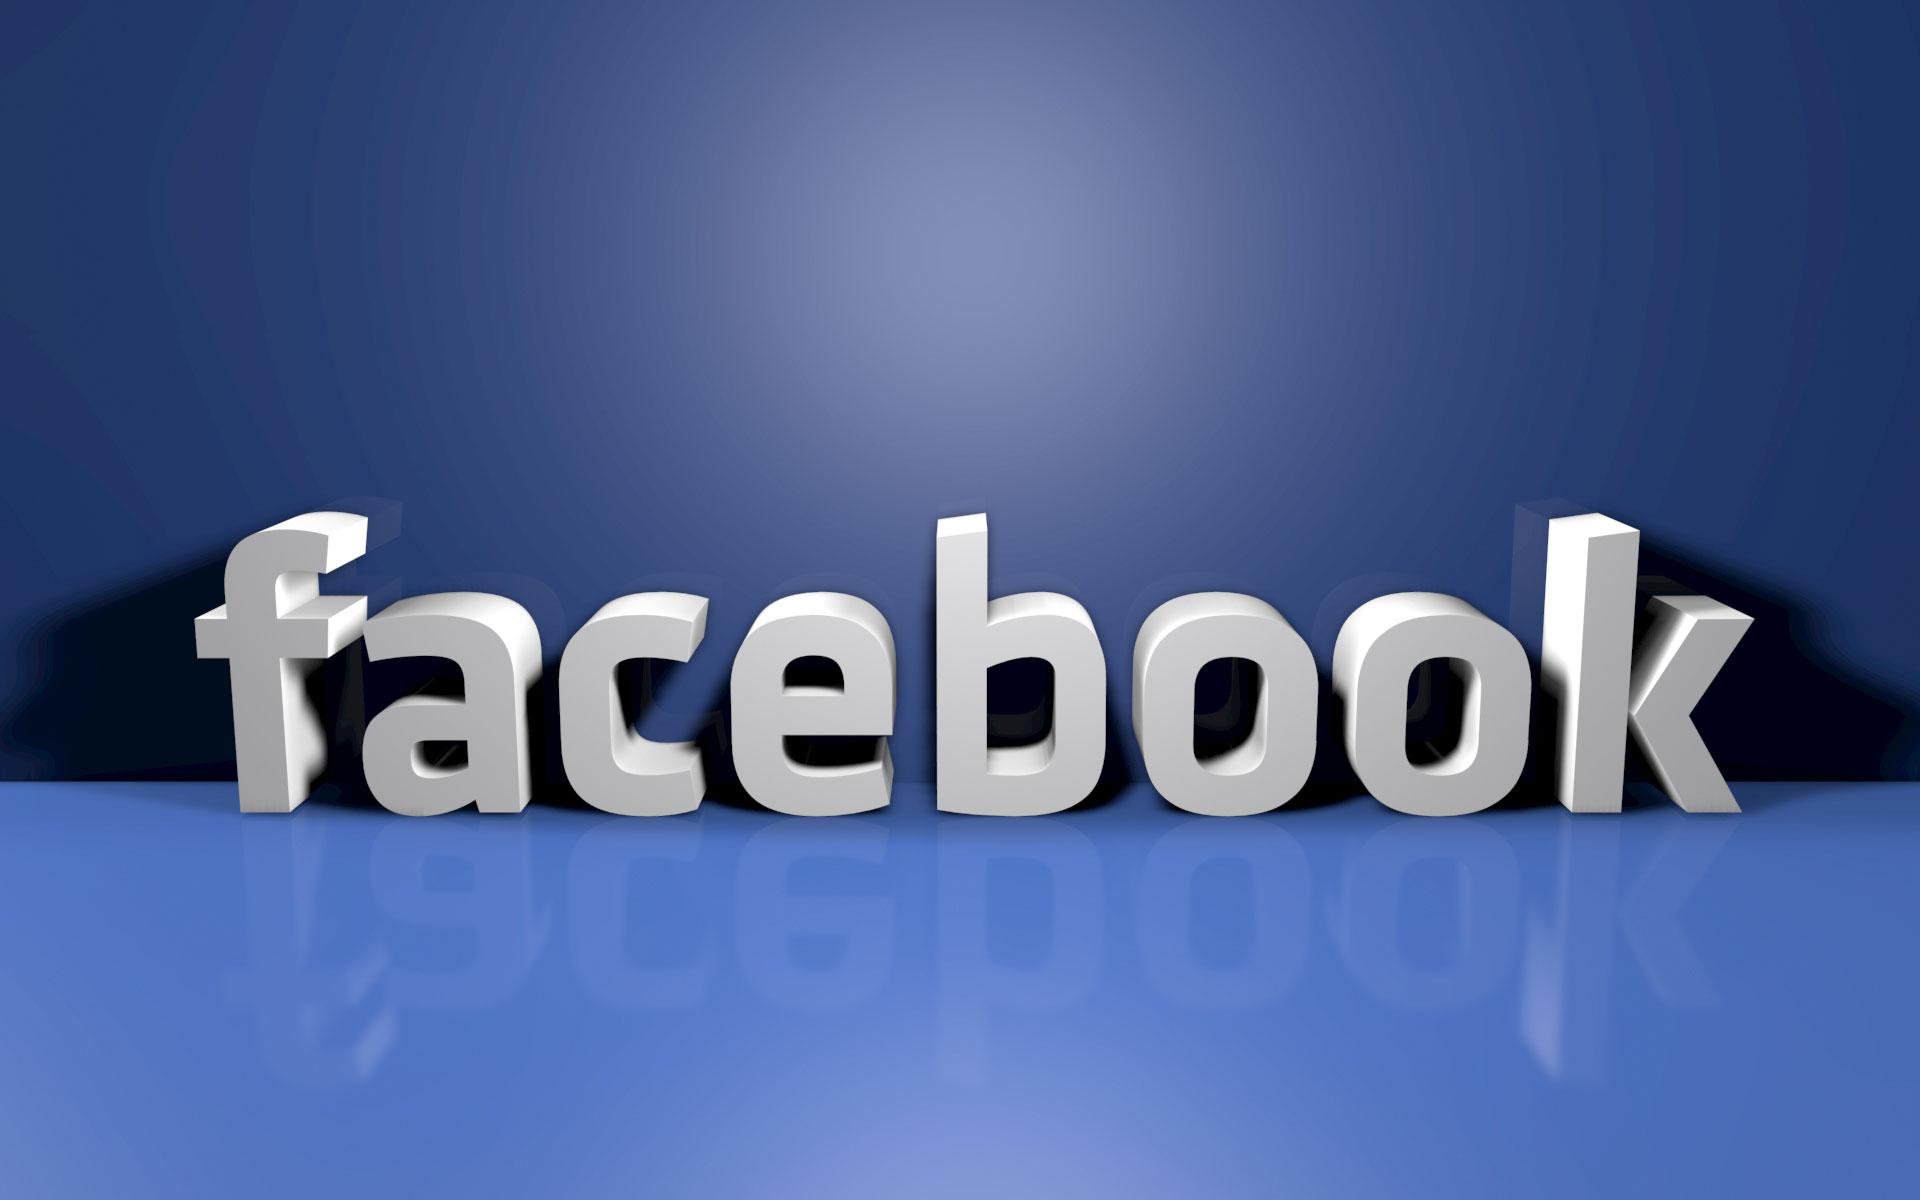 Социальная сеть Facebook запустил новый рекламный формат Collection